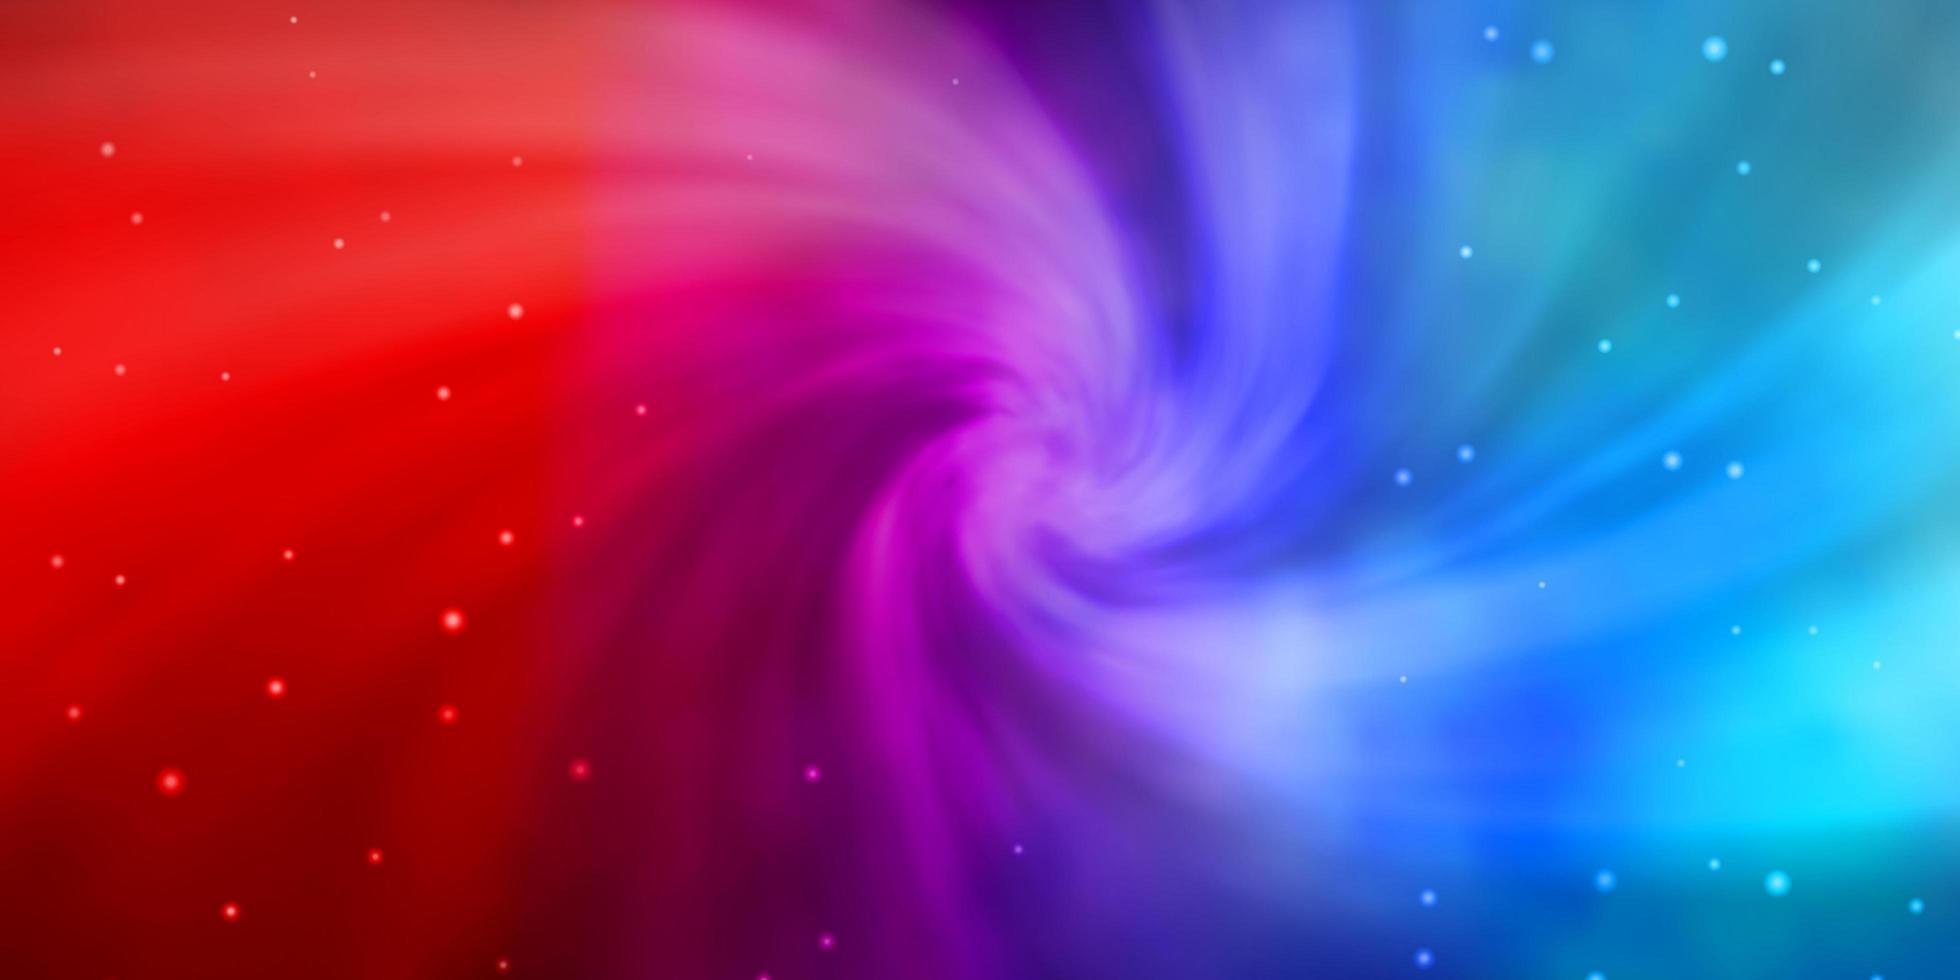 ljusblå, röd layout med ljusa stjärnor. vektor